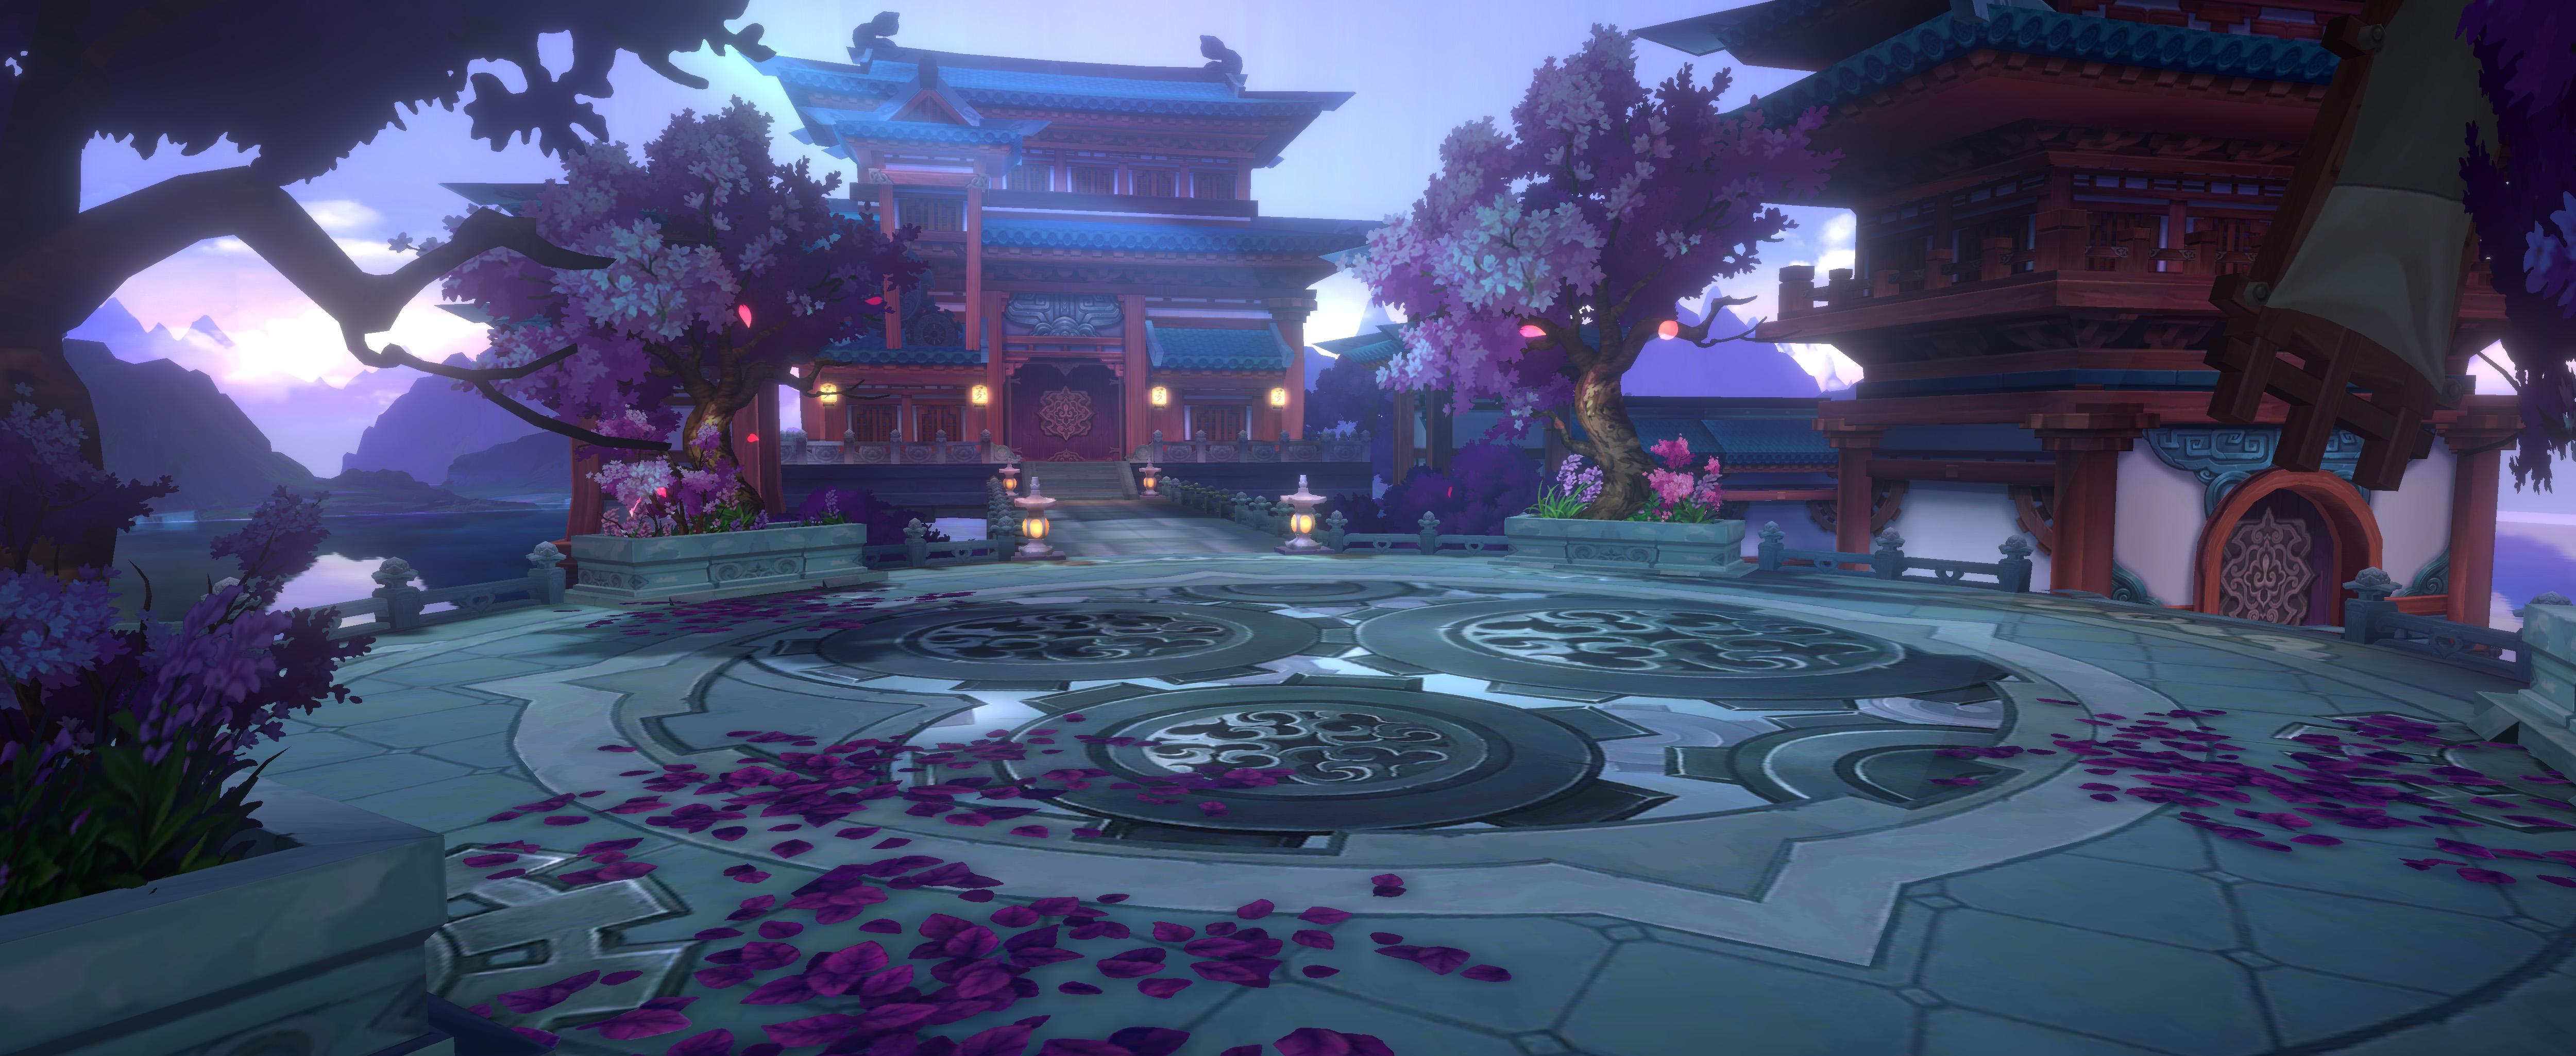 《剑网3:指尖江湖》万花谷招生简章——诗意风雅,悬壶济世